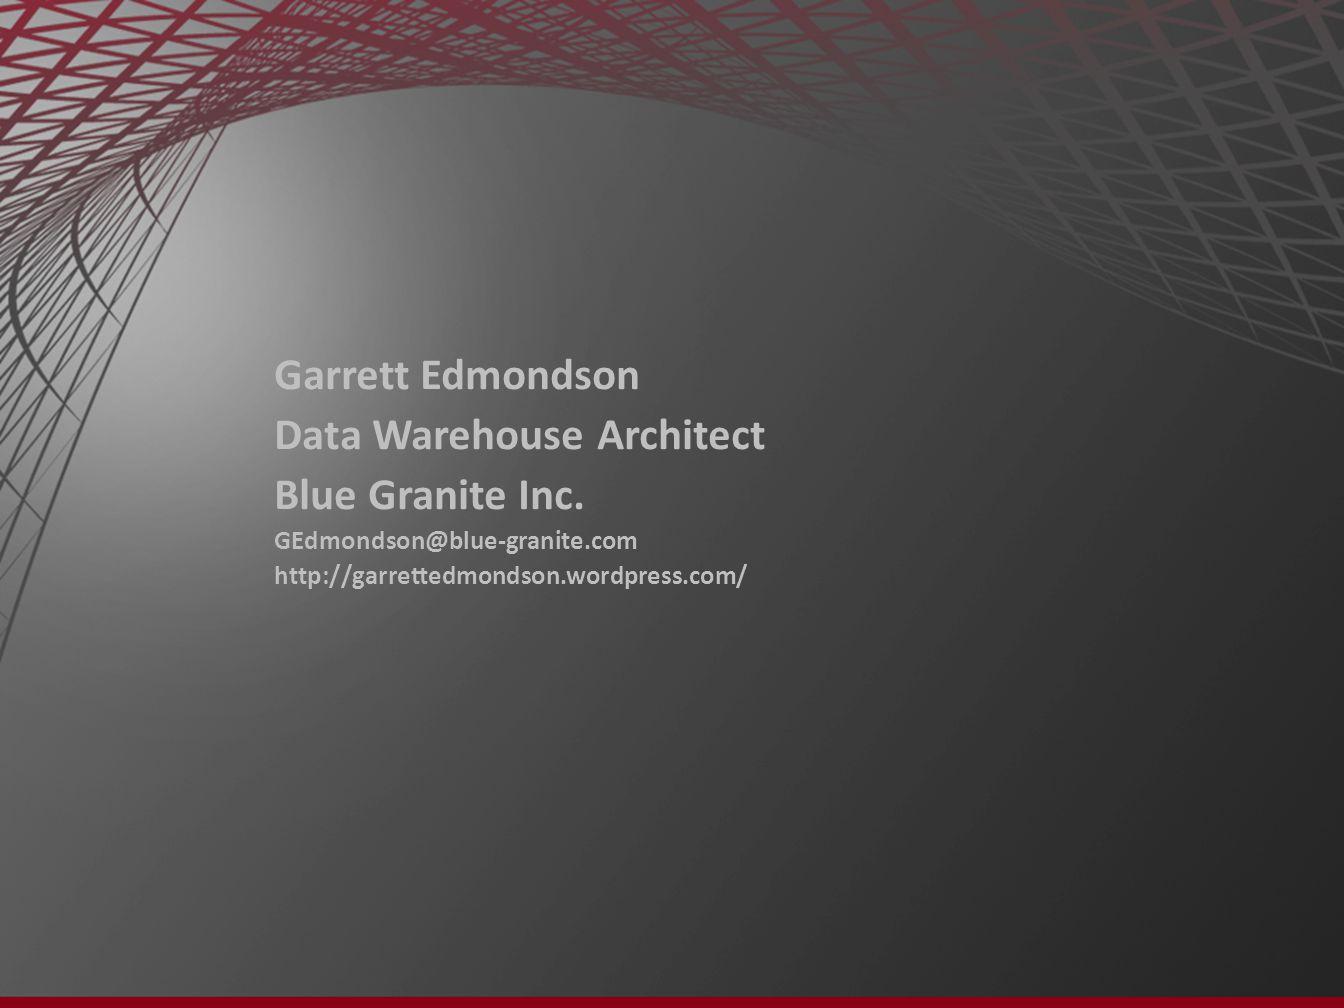 Garrett Edmondson Data Warehouse Architect Blue Granite Inc.